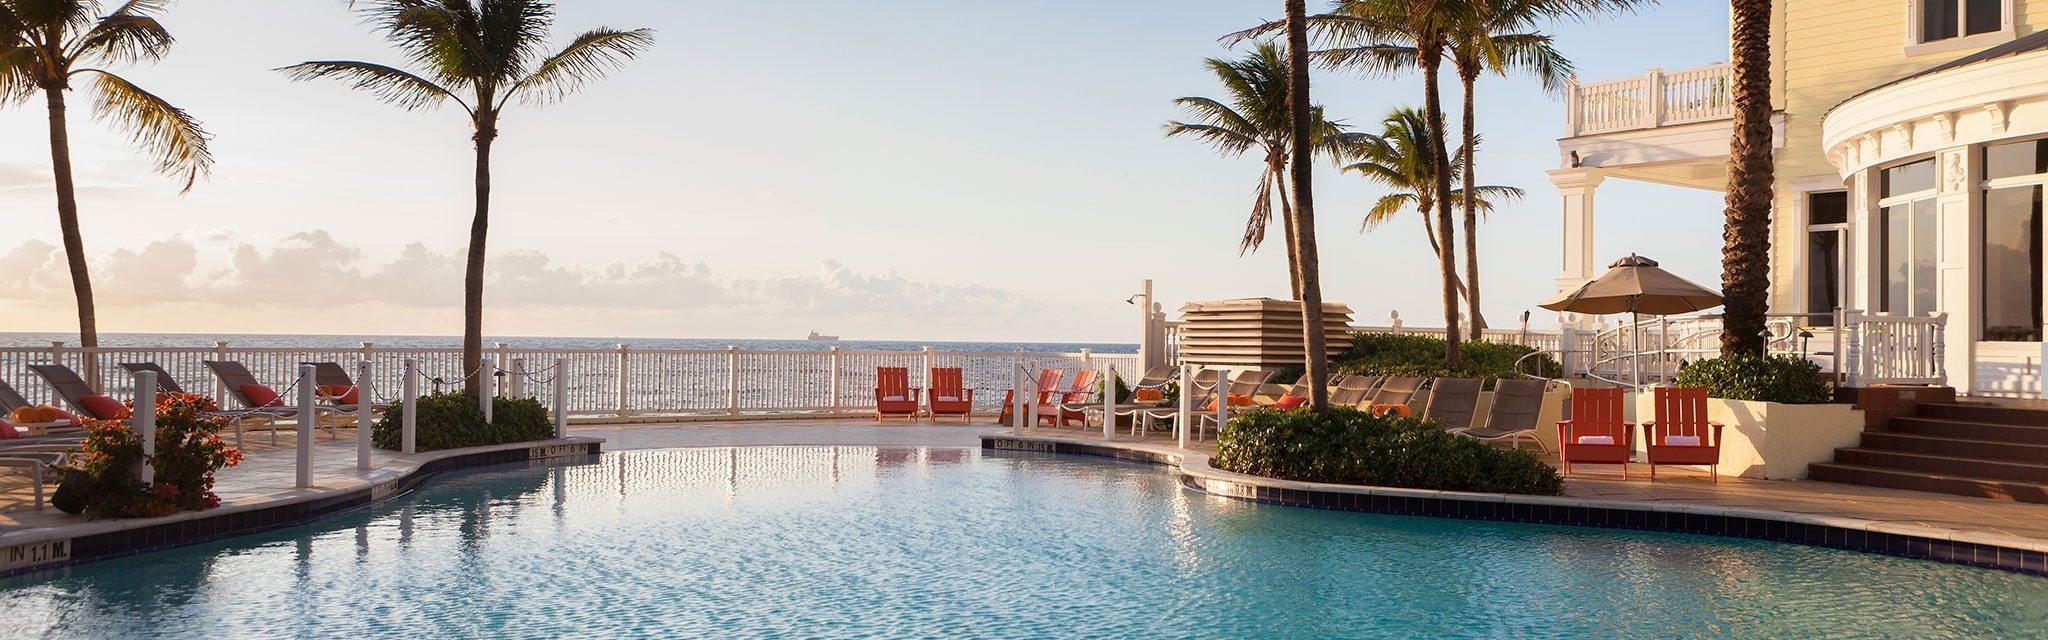 Pelican Grand Beach Resort Pool